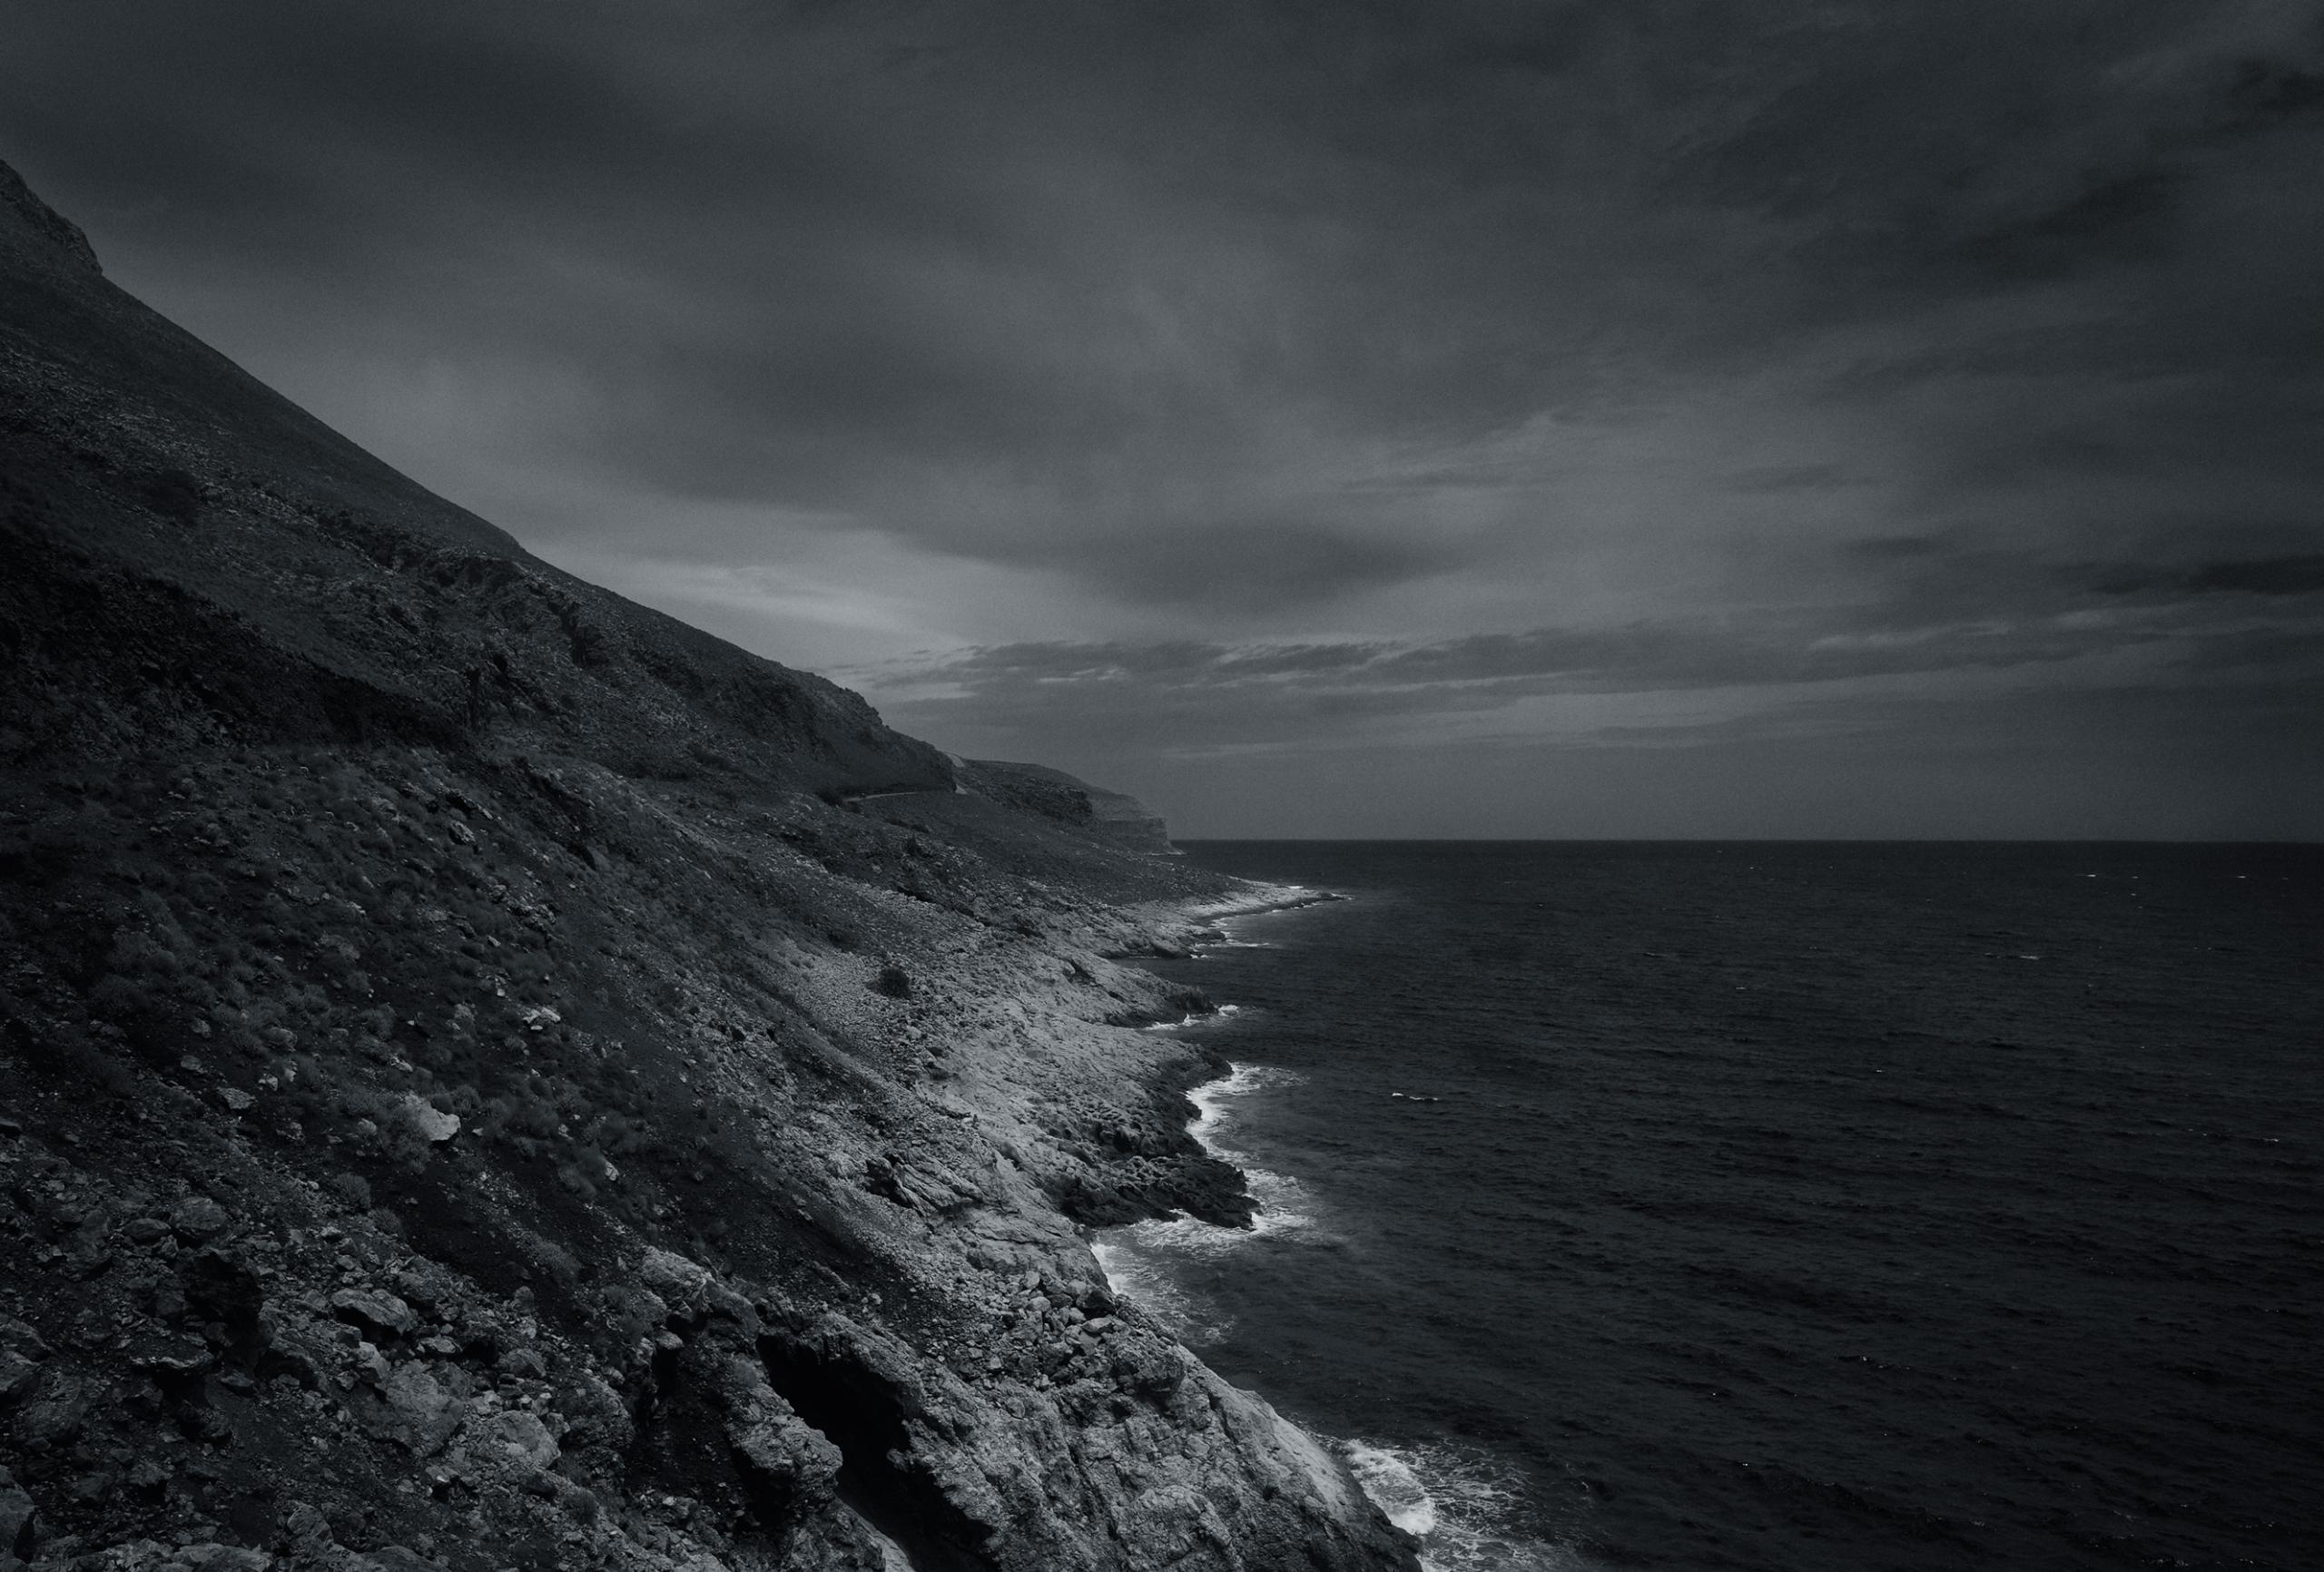 Gramvoussa peninsula eliasamari - eliasamari | ello